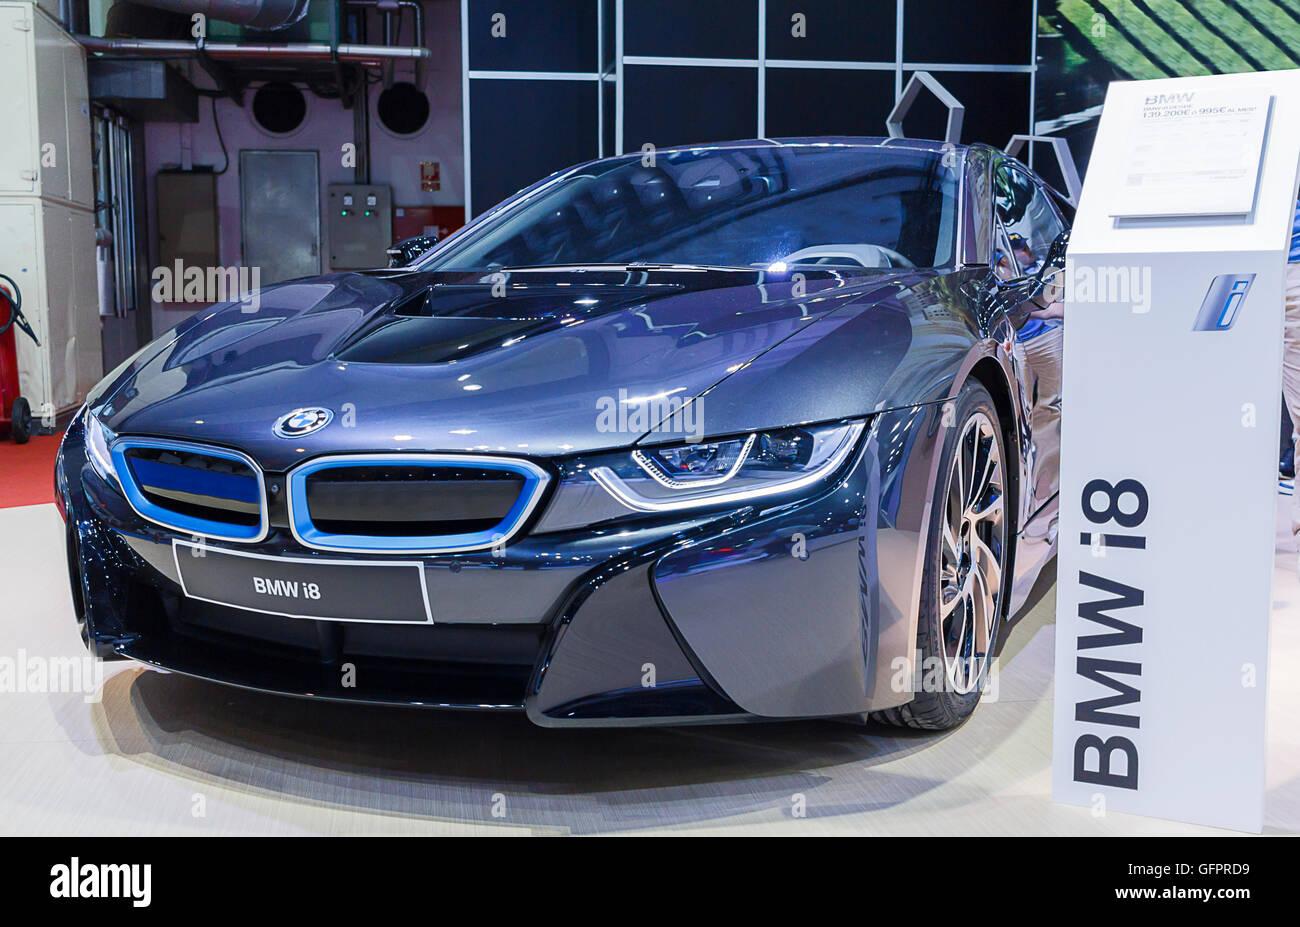 Bmw I8 Elektrisch Betriebene Performance Fahrzeug Stockfoto Bild